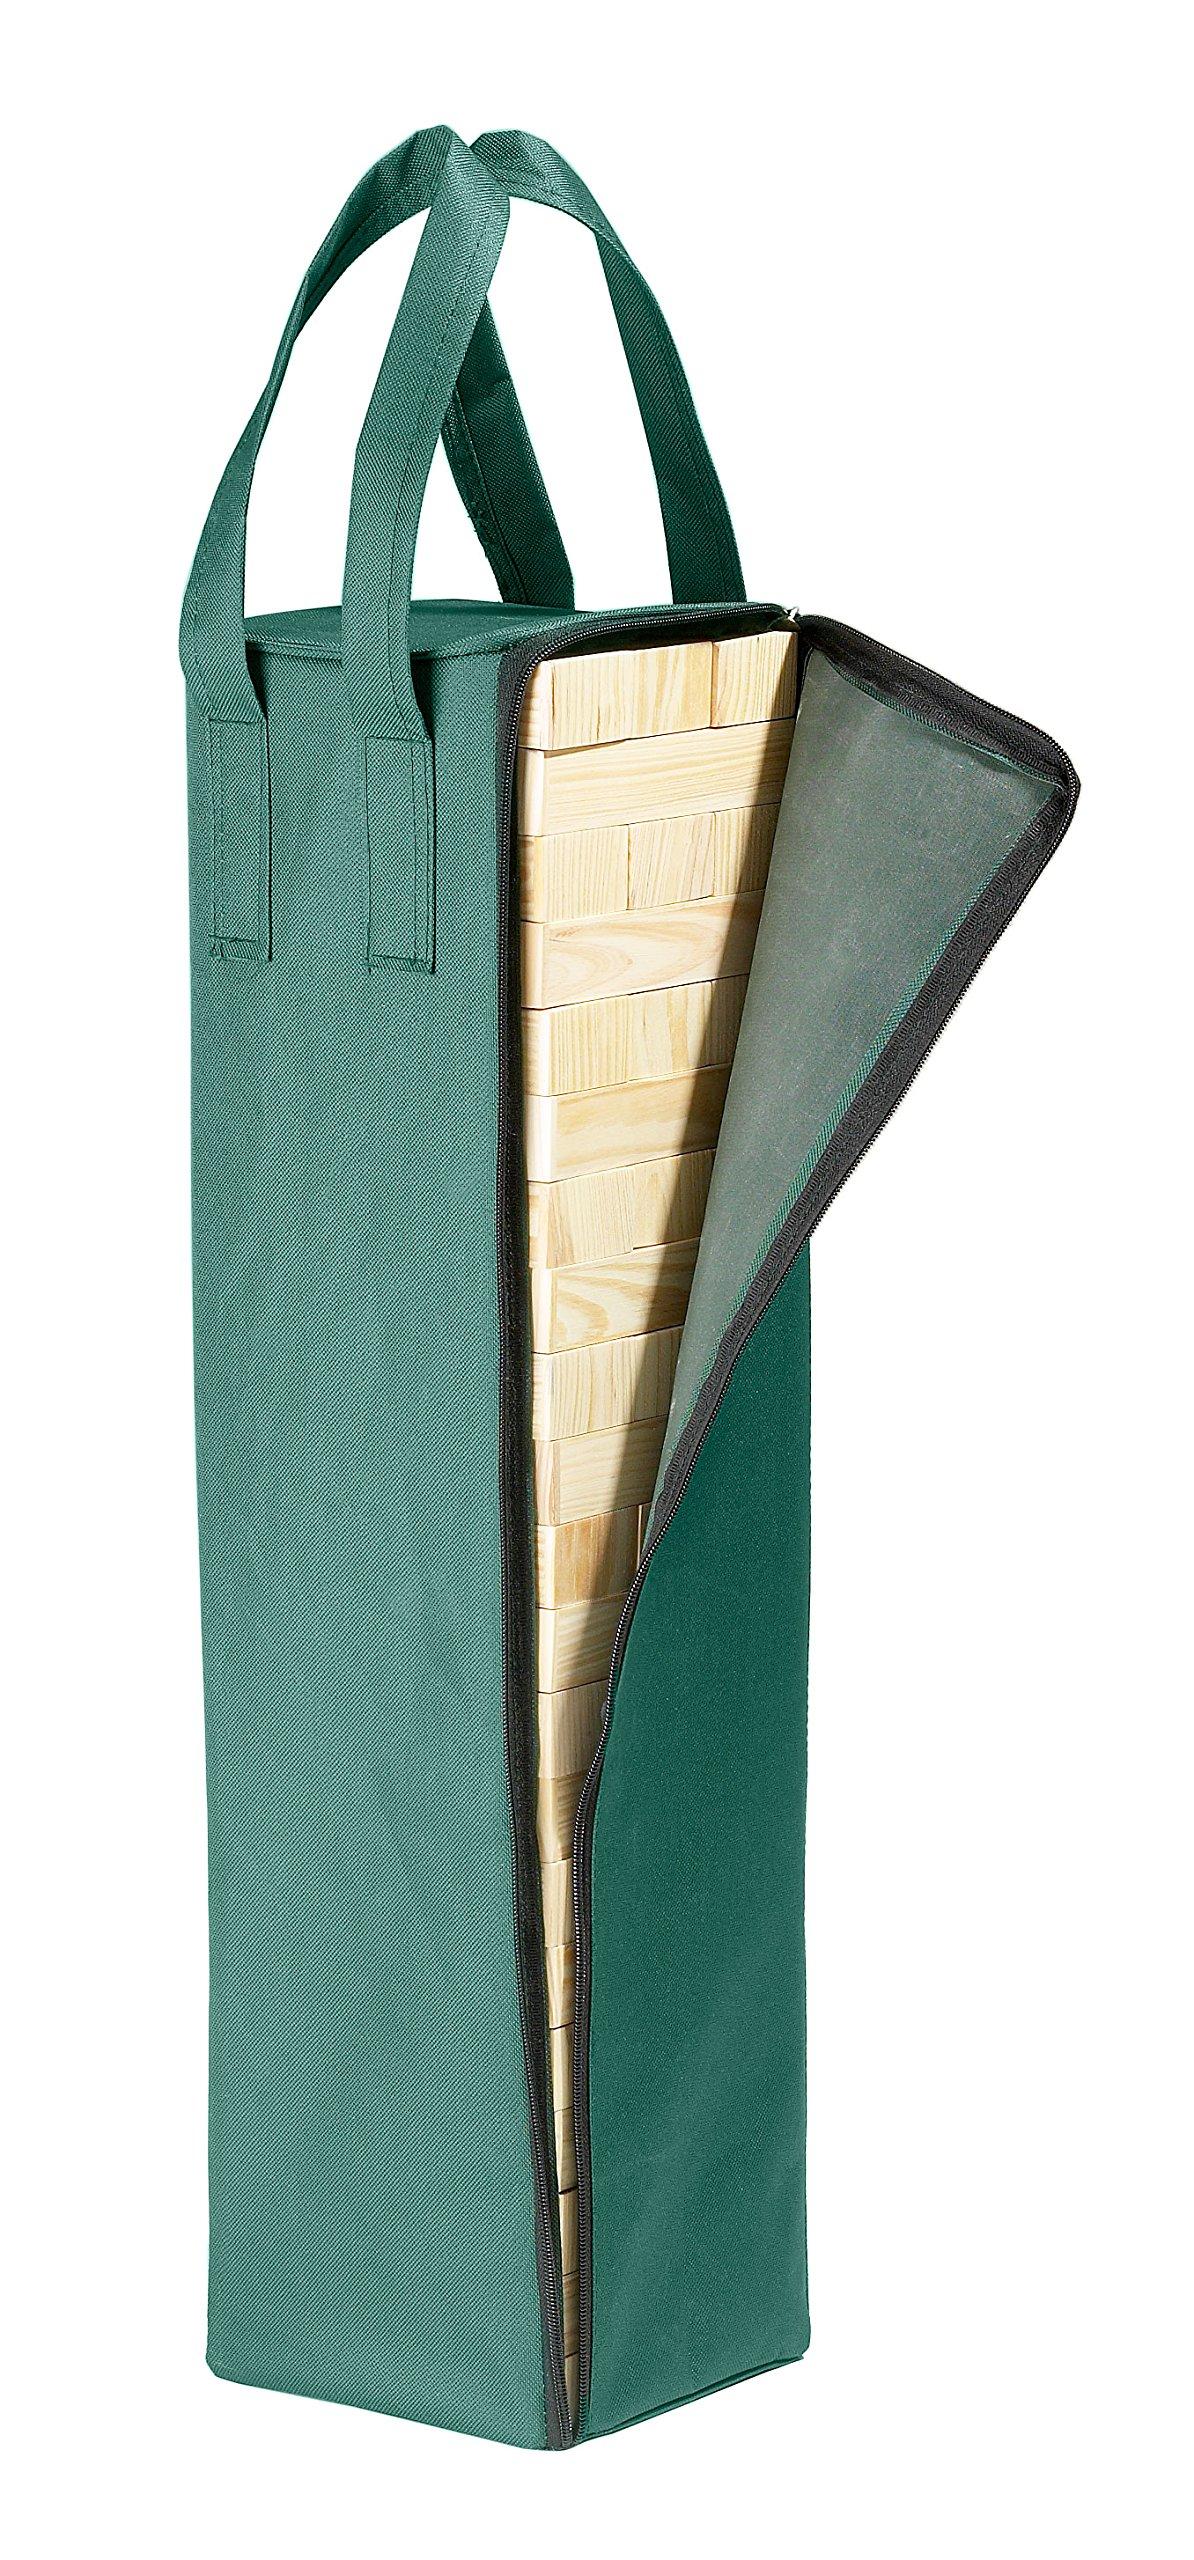 Philos-3310-Party-Wackelturm-60-cm-hoch-mit-60-Spielsteinen-und-Tragetasche